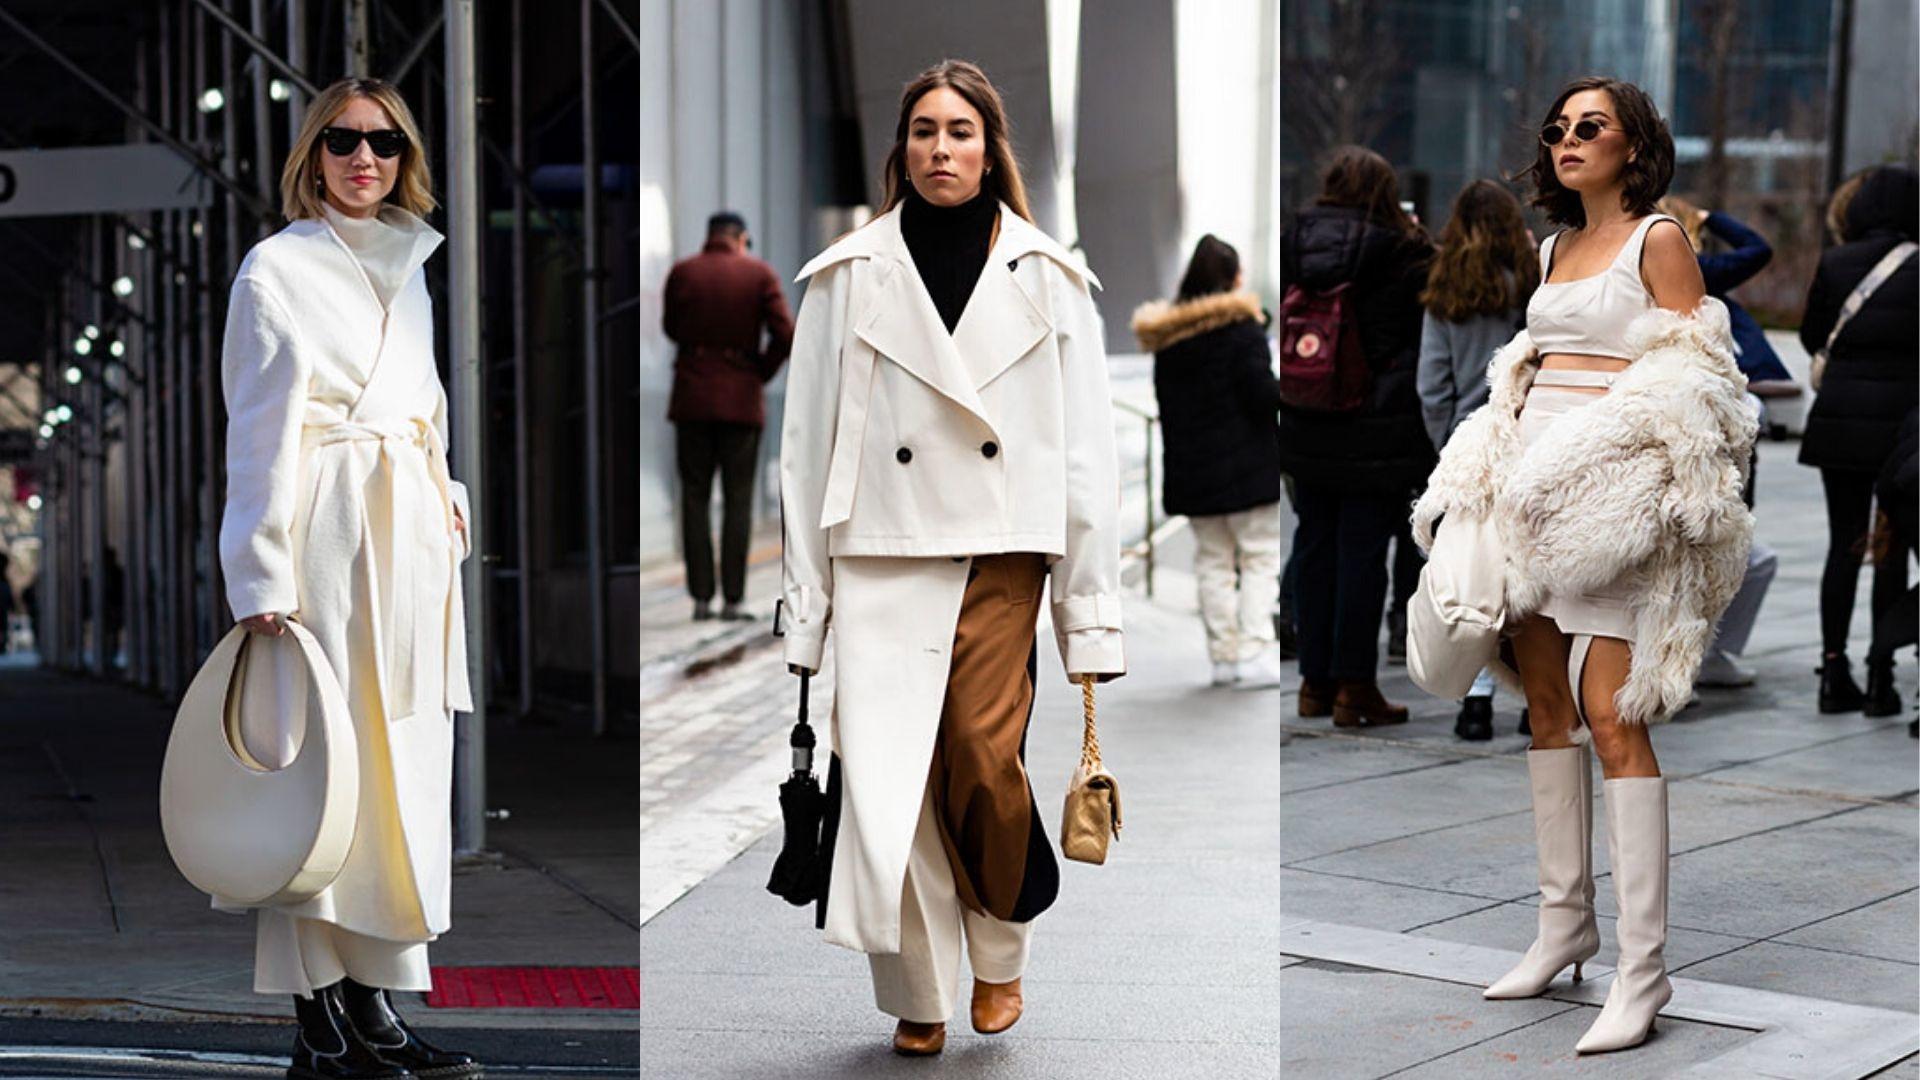 Fashion Week Street Style: Winter Whites